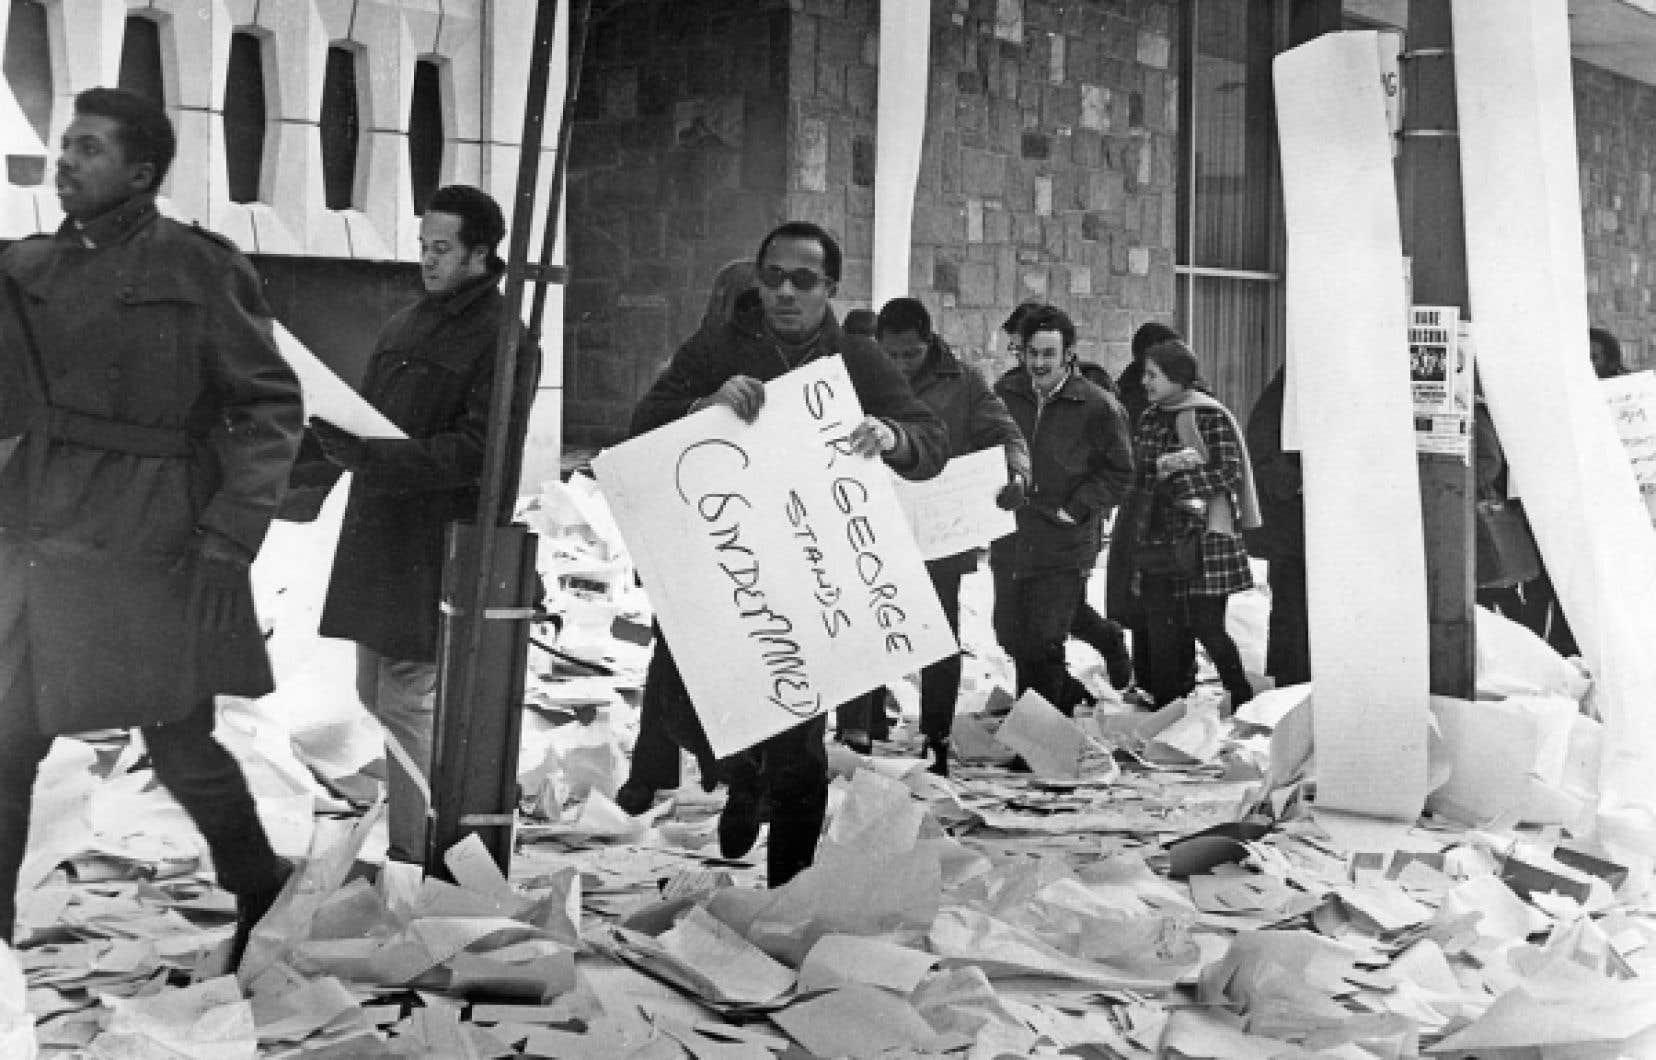 Des étudiants de Sir George se fraient un chemin parmi les objets lancés depuis le laboratoire informatique lors de l'émeute de février 1969.